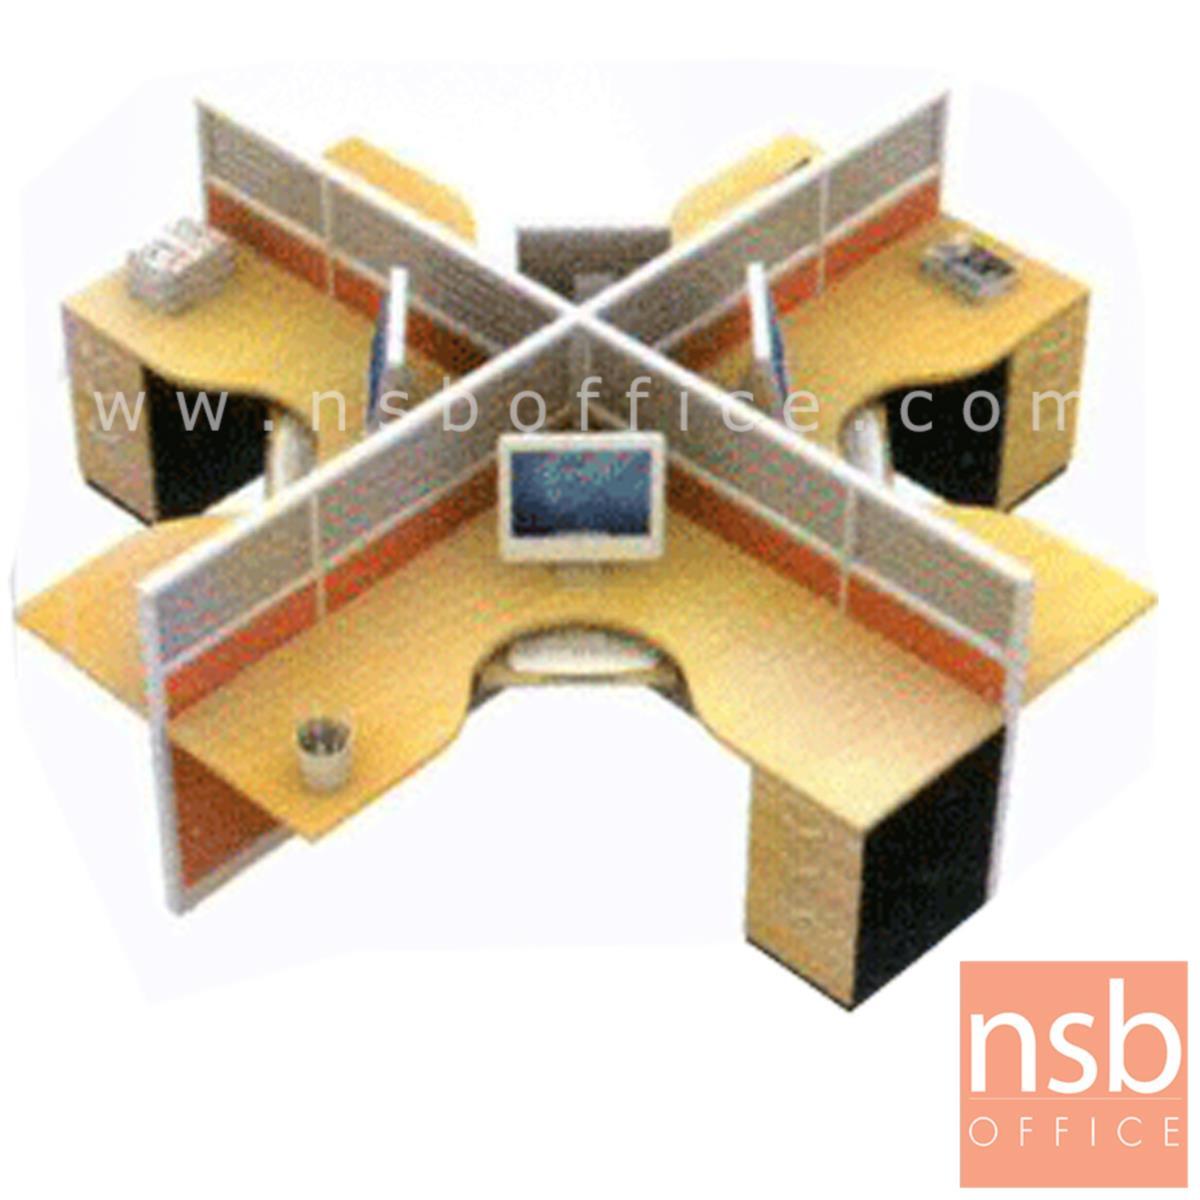 A04A041:ชุดโต๊ะทำงานกลุ่มตัวแอล 4 ทีนั่ง   ขนาดรวม 328W cm. พร้อมพาร์ทิชั่น Hybrid